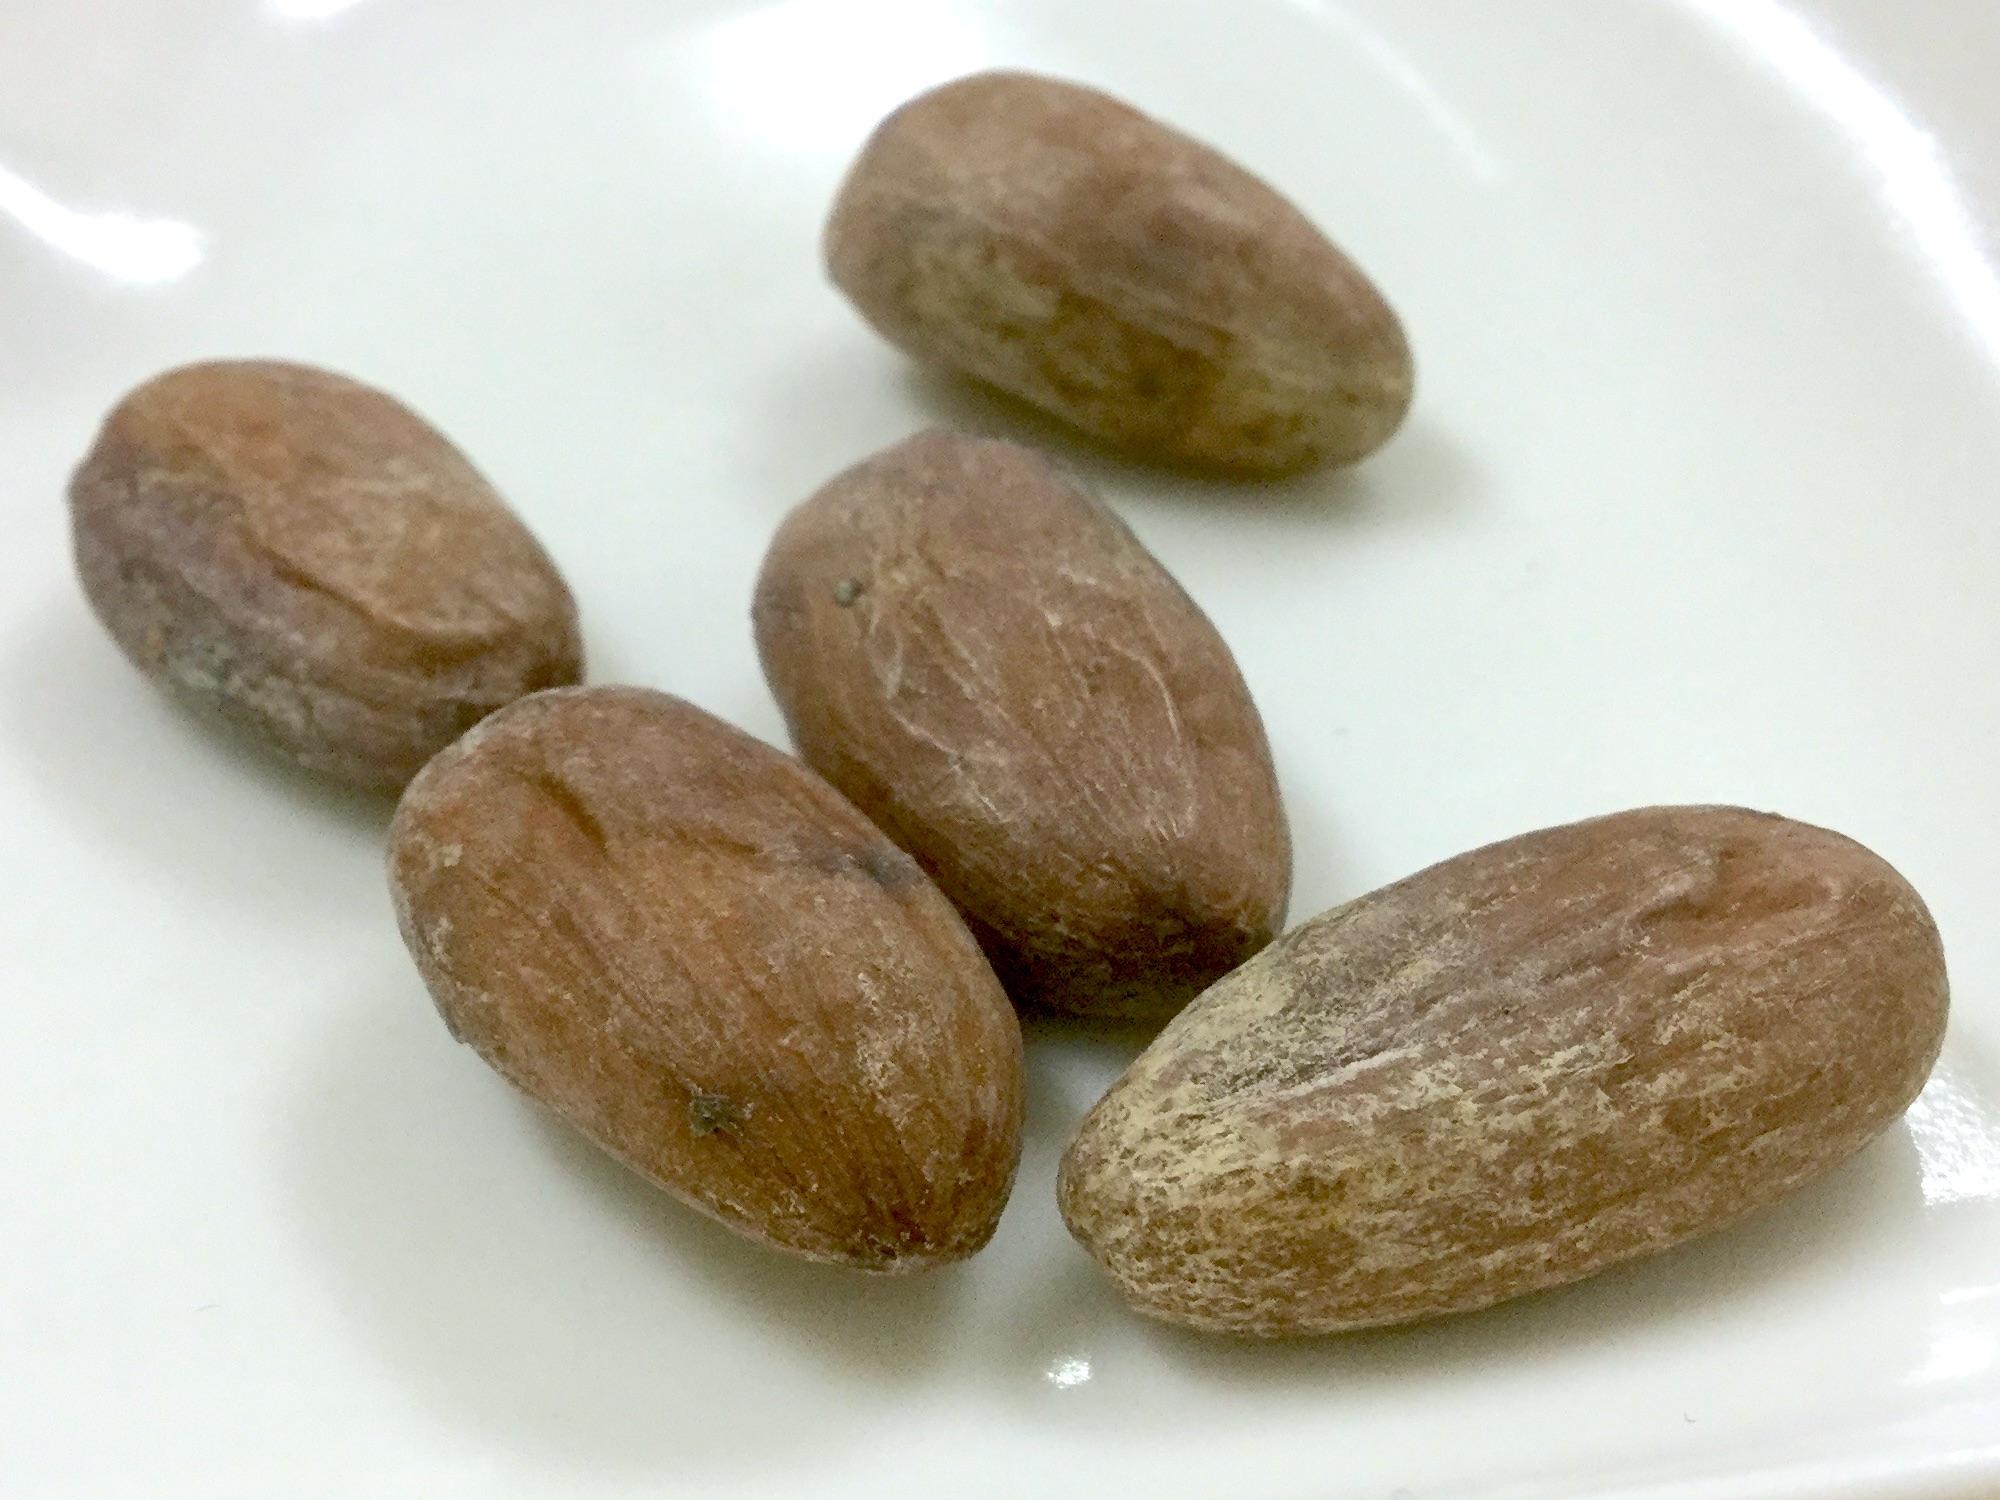 ビーントゥバーのチョコレートを代替糖で作るワークショップ!甘みとの付き合いかた講座付き